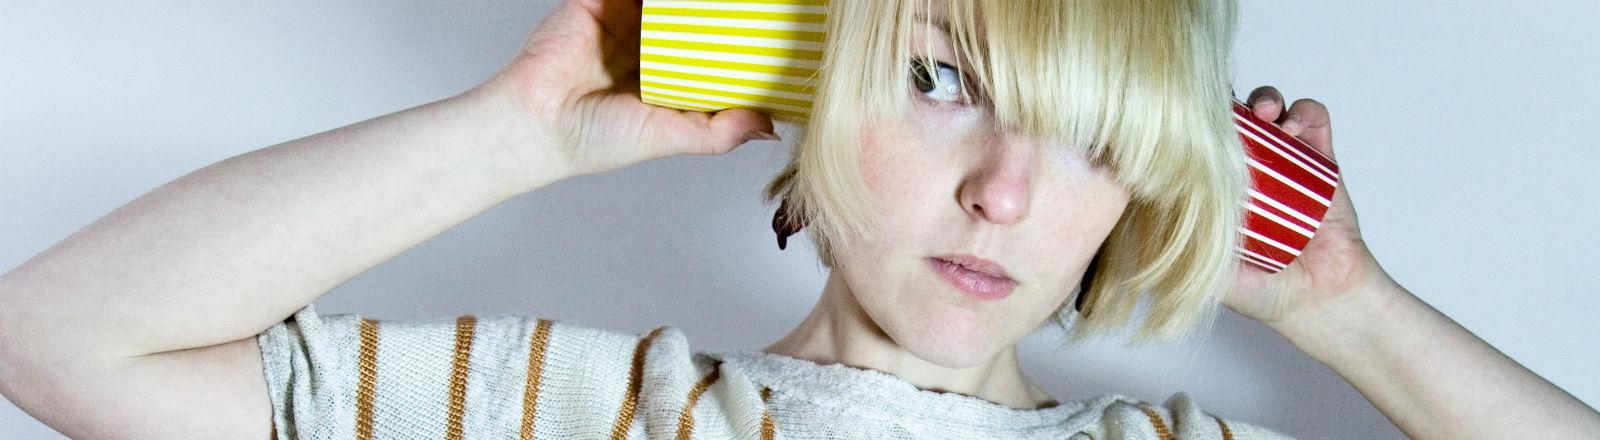 Eine junge Frau hält sich je einen Pappbecher ans Ohr und guckt verwirrt.